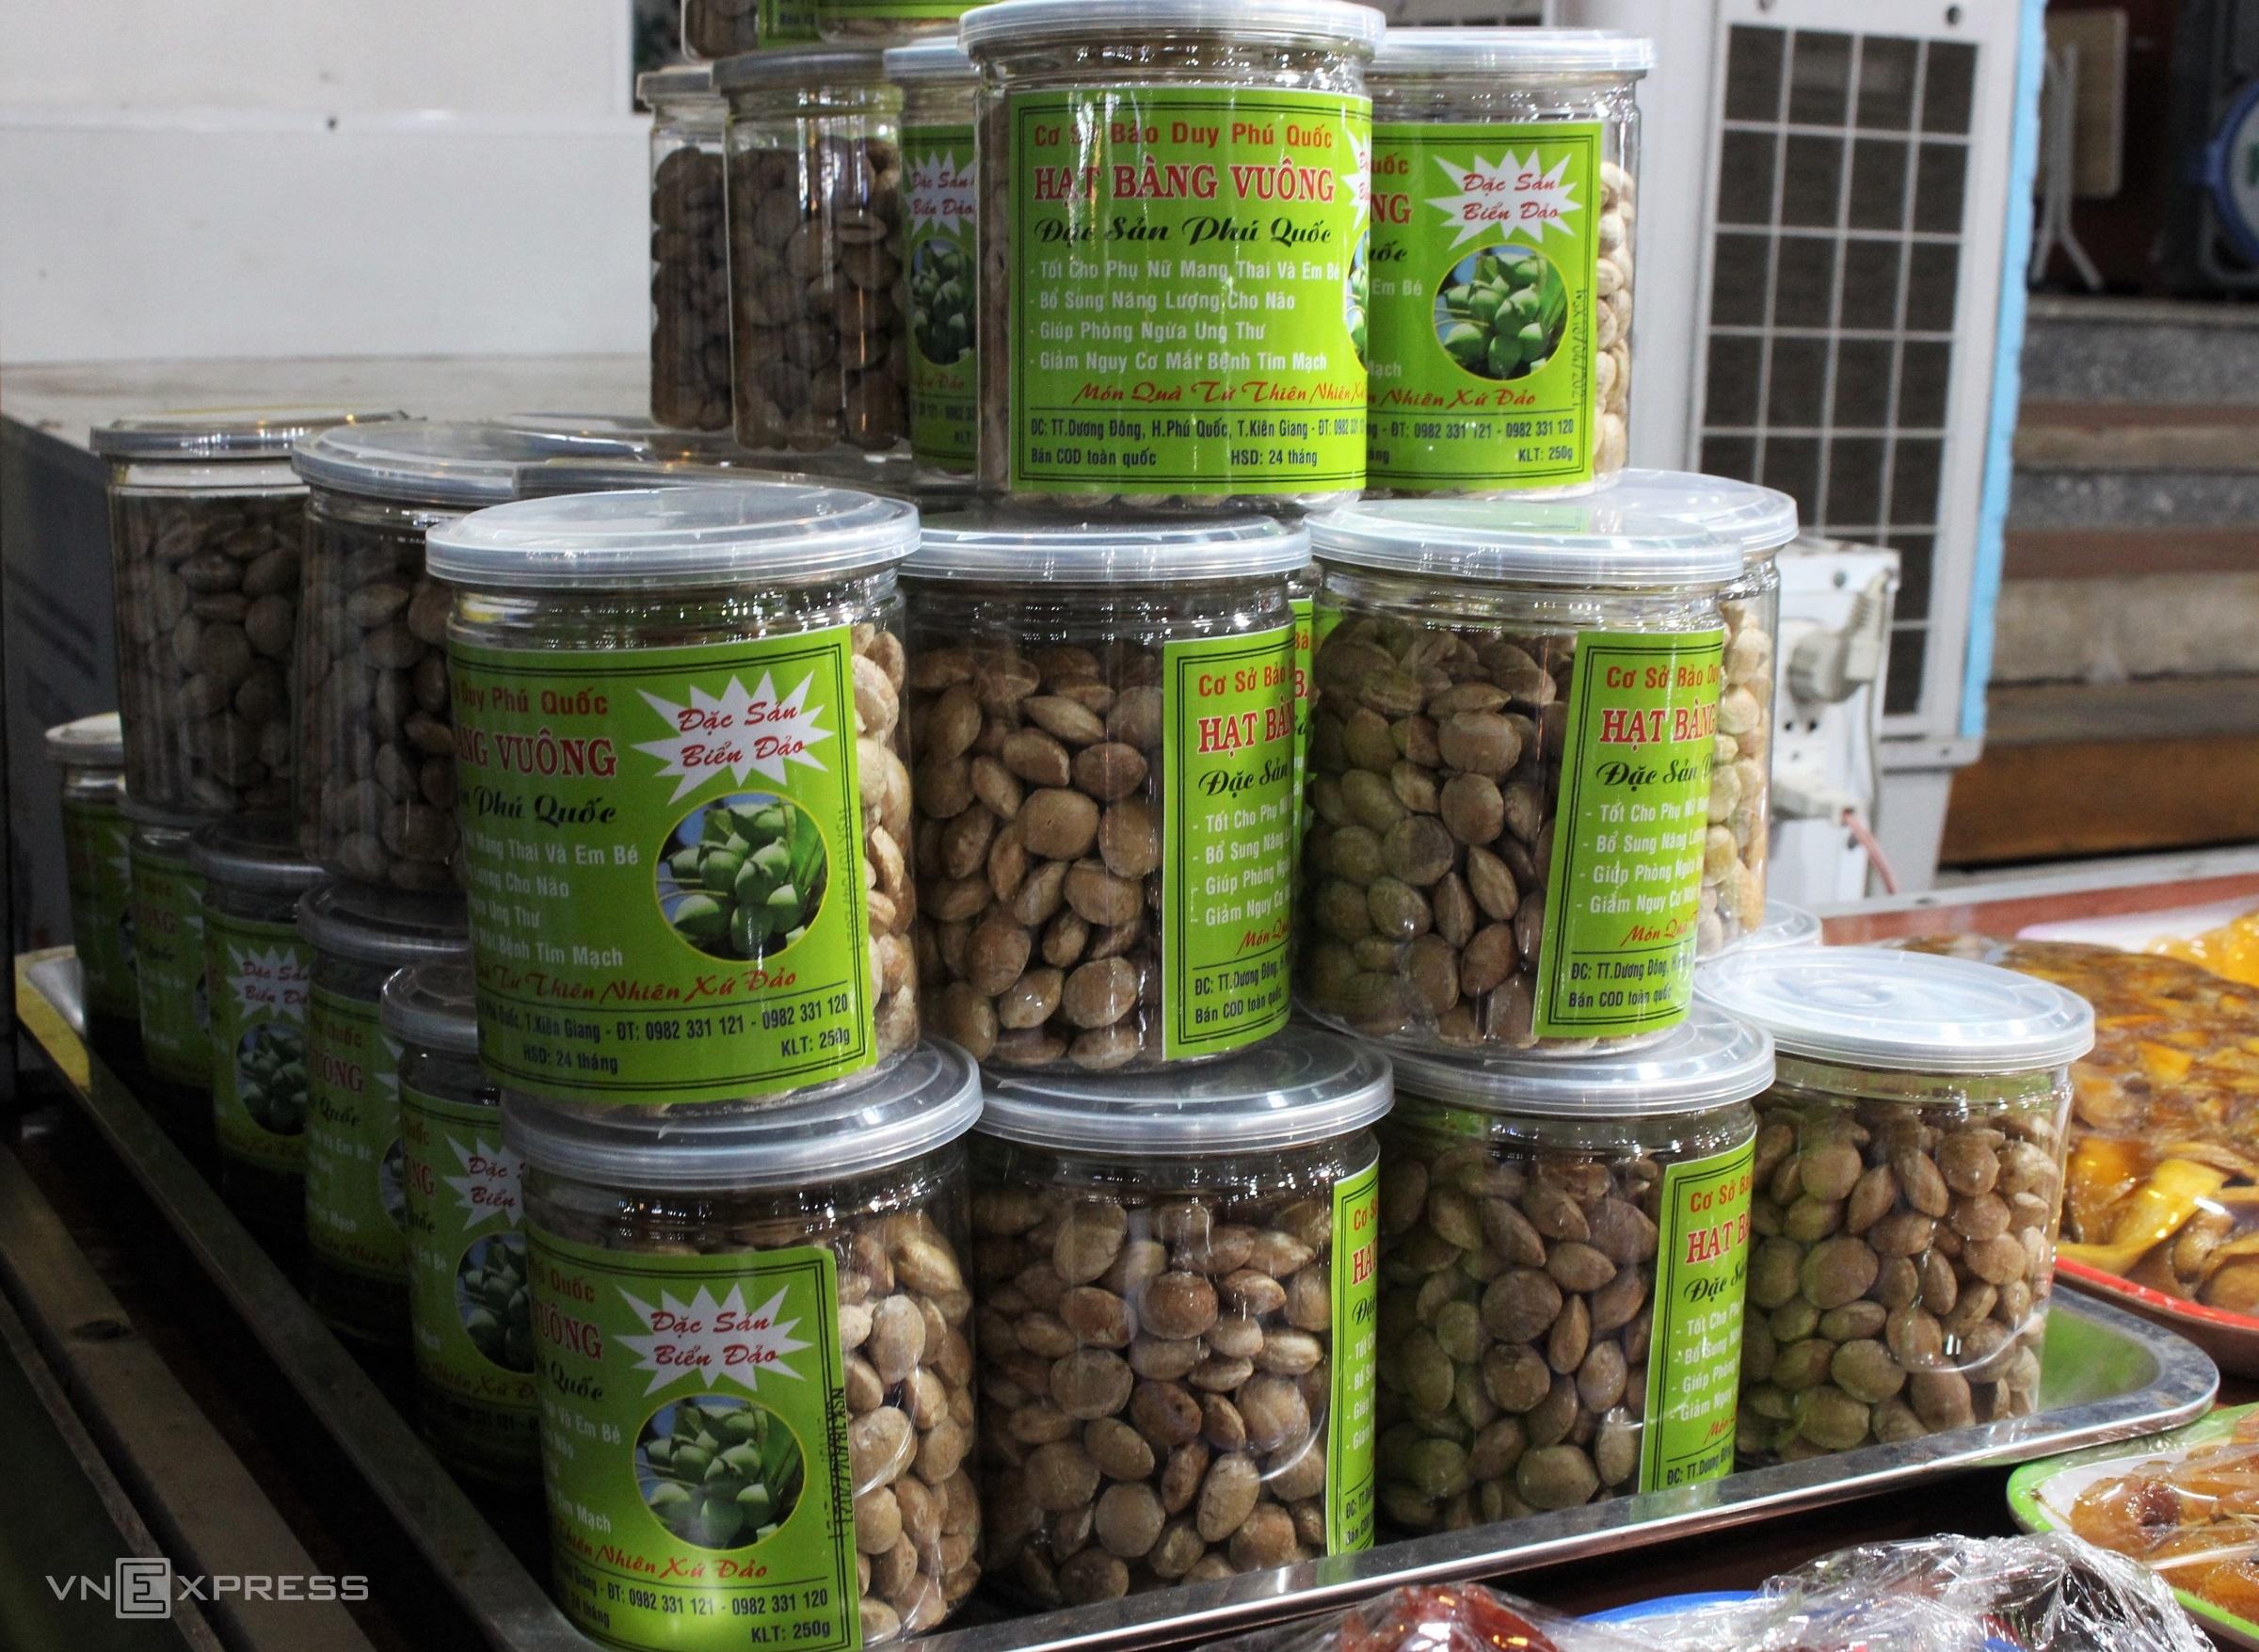 Dù không nổi tiếng như hạt bàng ở Côn Đảo nhưng Phú Quốc cũng có loại đặc sản này. Hạt bàng Phú Quốc được rang khô rồi đem đóng hộp, không thêm muối hay đường trong quá trình rang nên khi ăn vẫn còn nguyên vị bùi bùi, ngọt nhẹ của thức quà biển đảo.